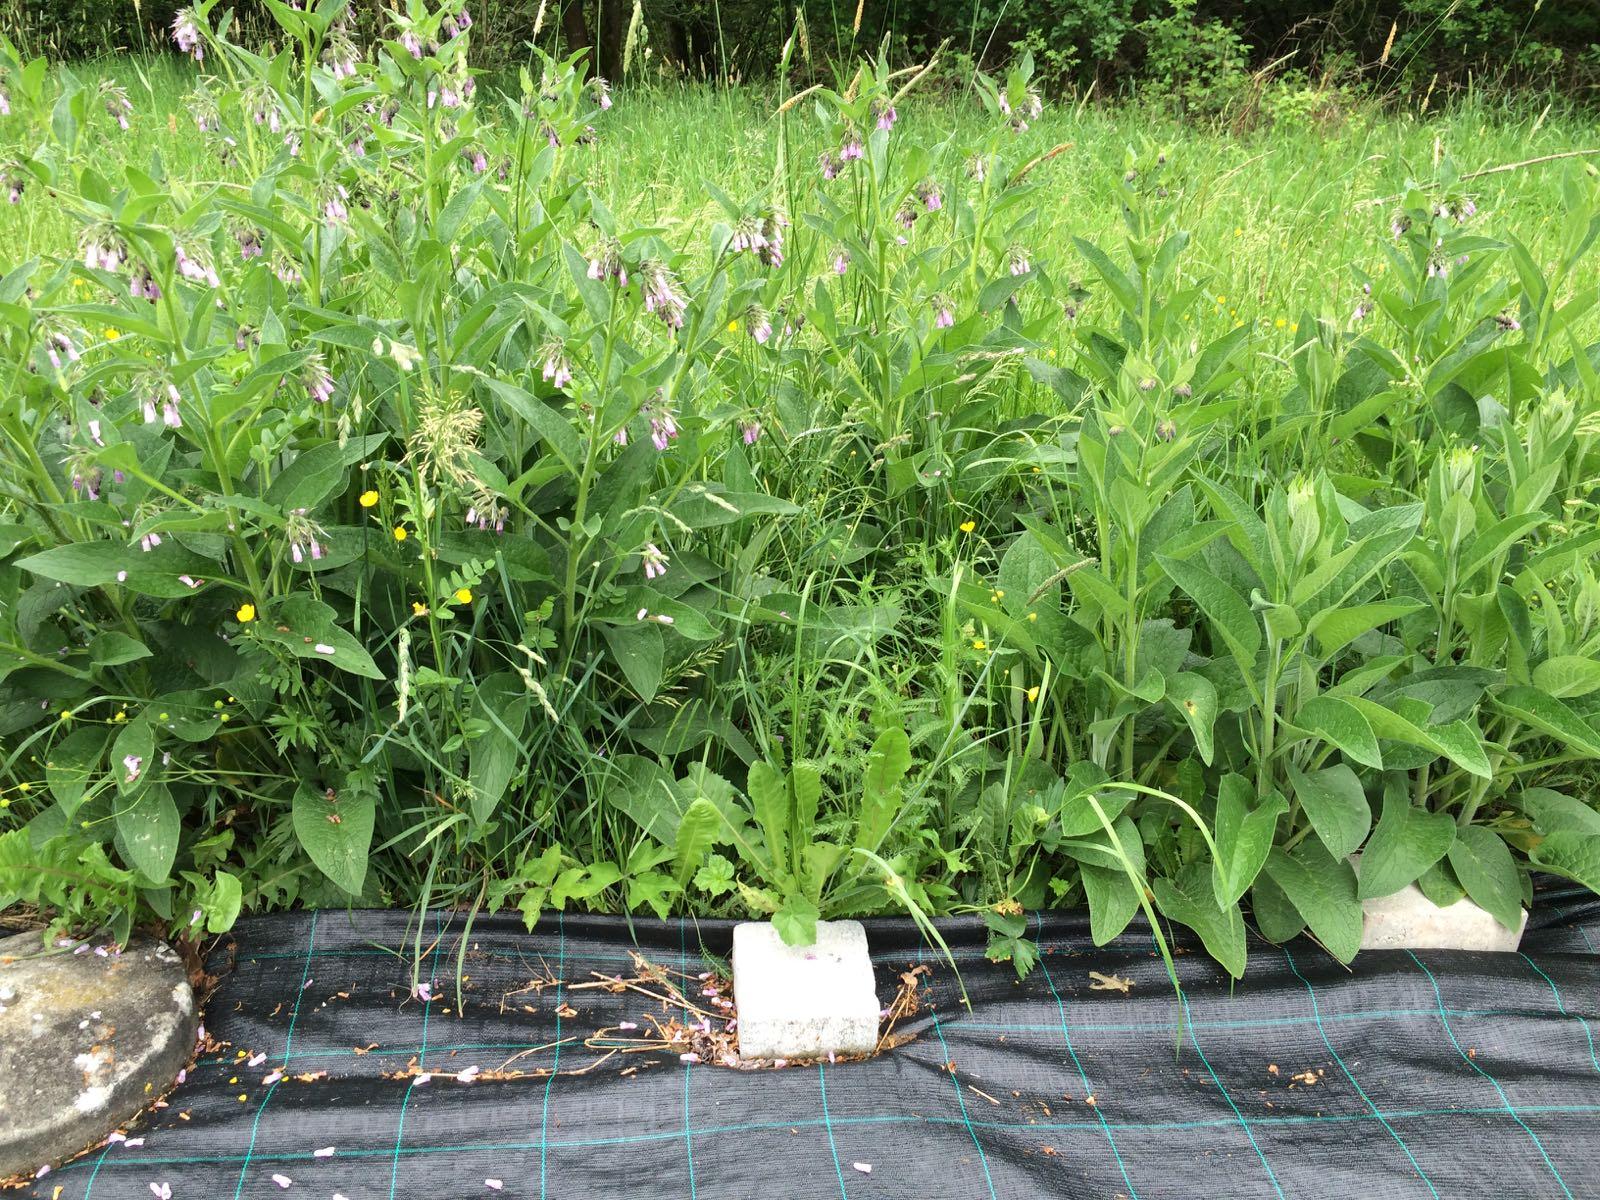 waldgarten anlegen permakultur